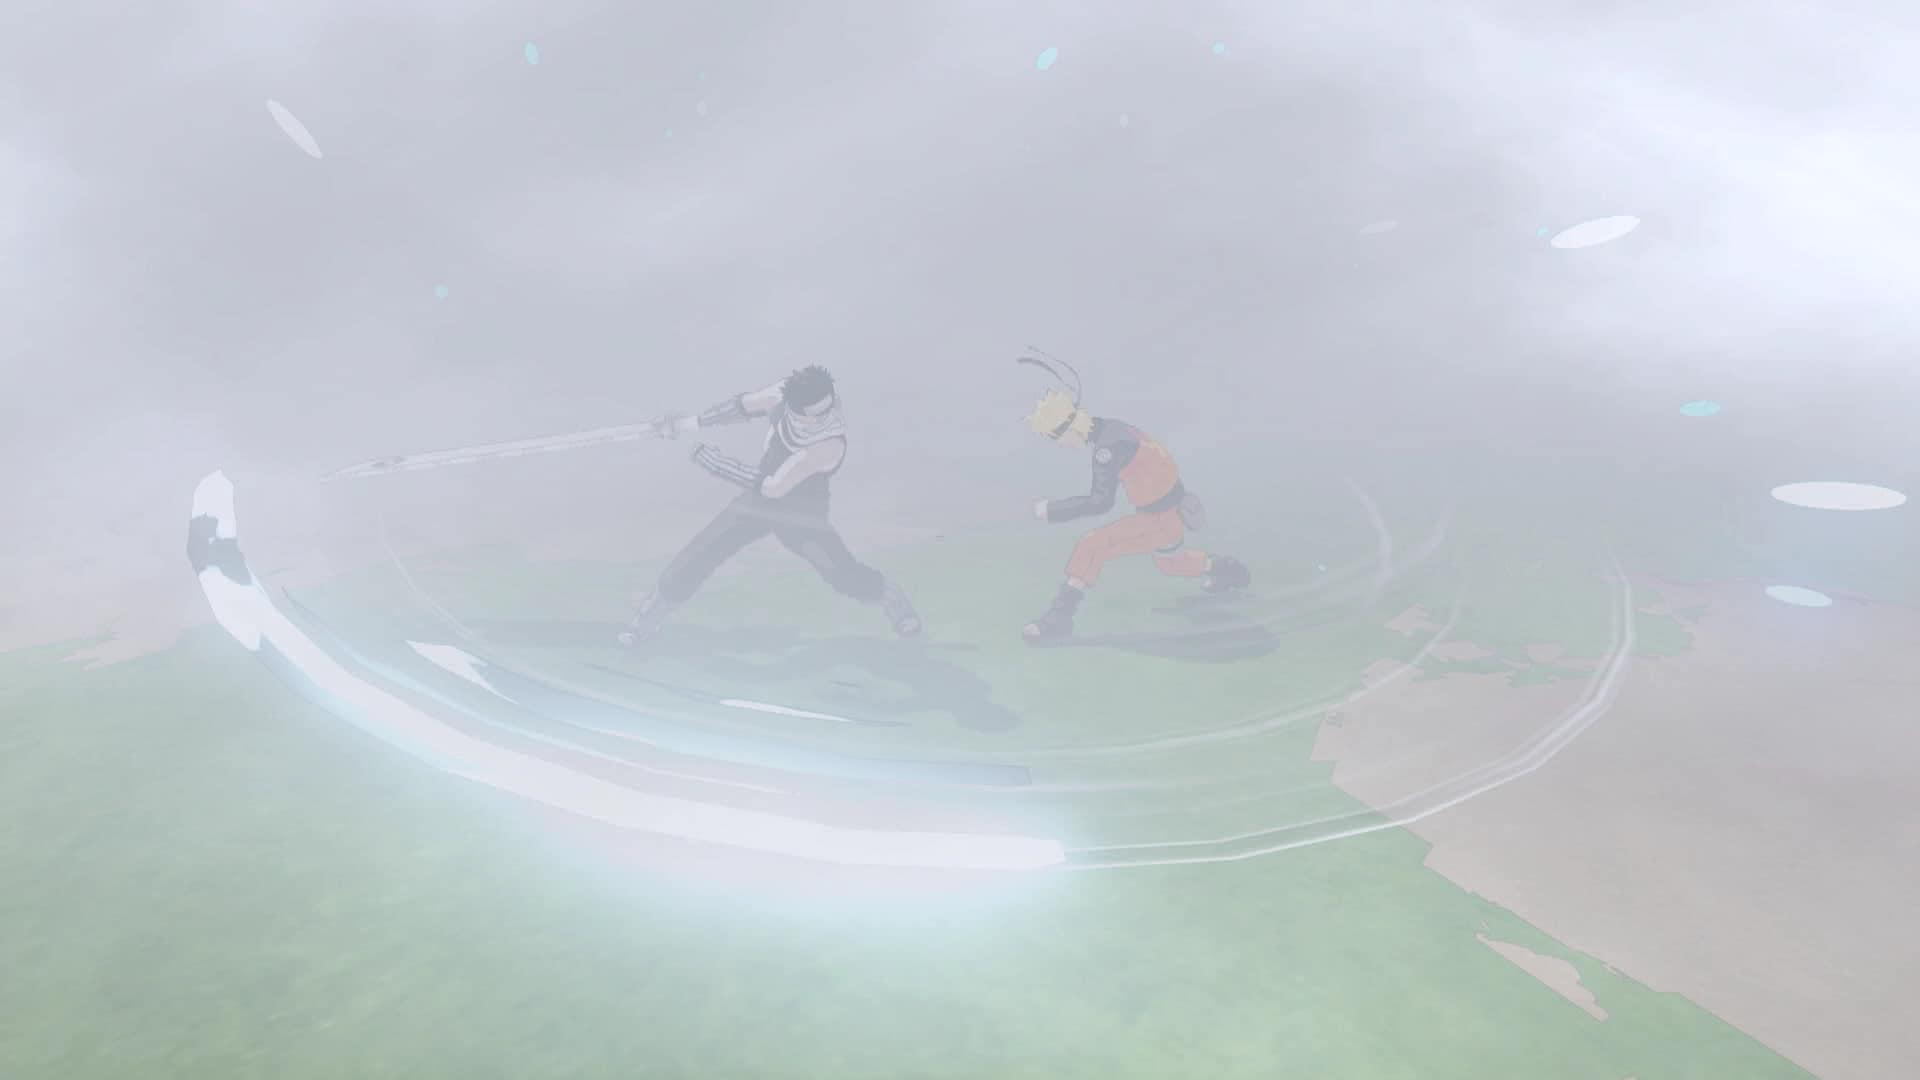 Naruto to Boruto: SHINOBI STRIKER Season Pass 2 (PC) - Steam Key - GLOBAL - 1